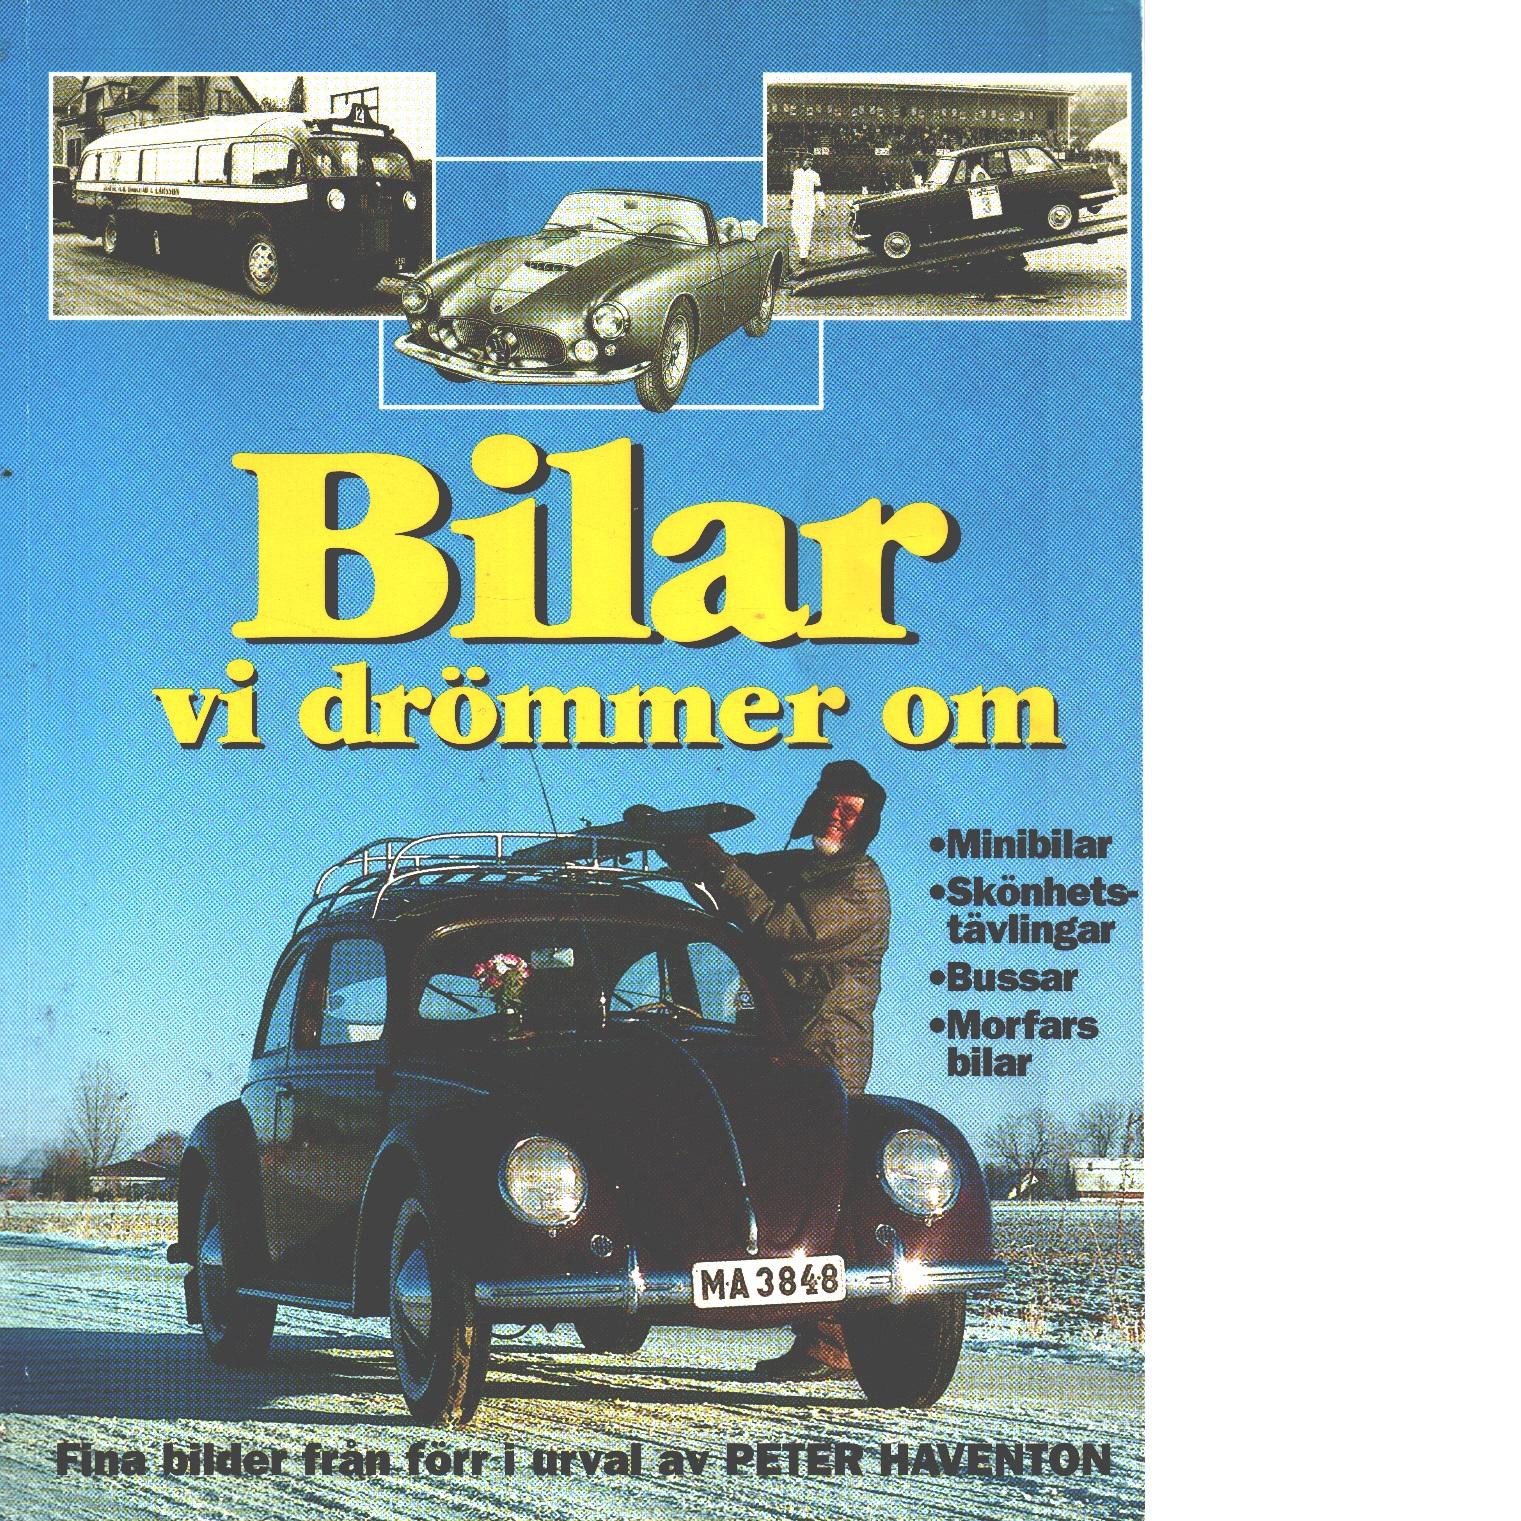 Bilar vi drömmer om - minibilar, skönhetstävlingar, bussar, morfars bilar - fina bilder från förr - Haventon, Peter